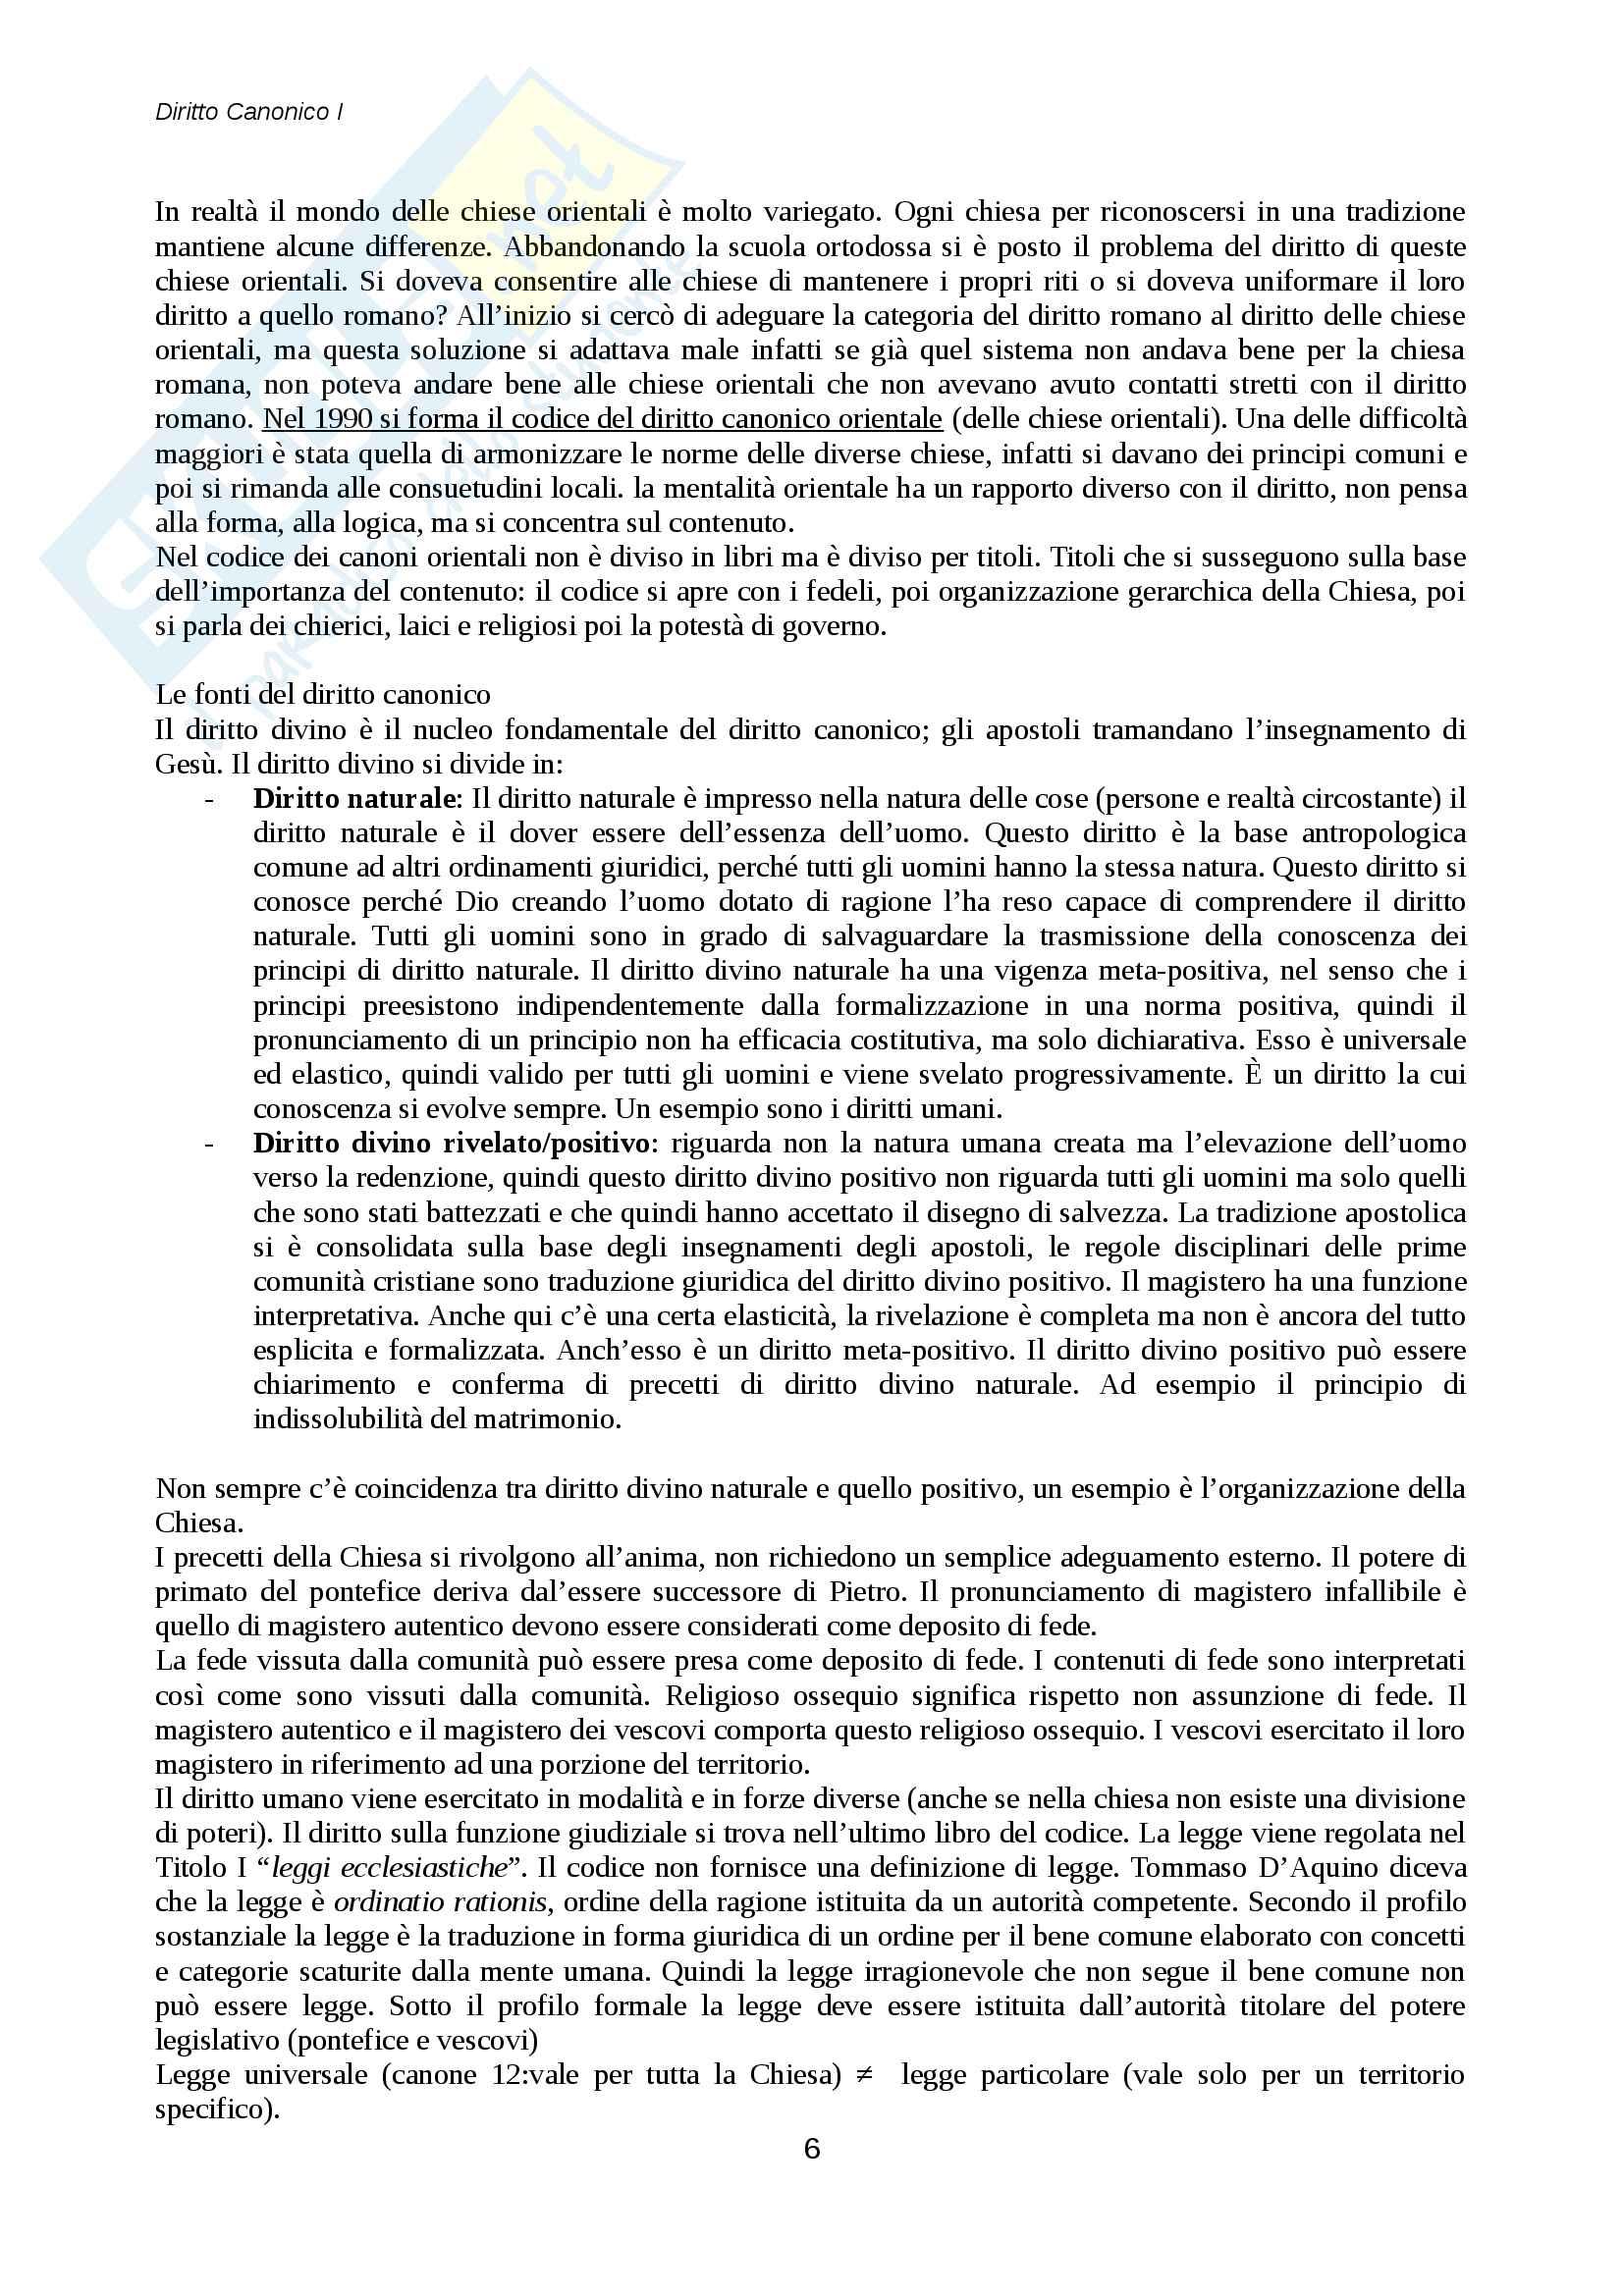 Diritto canonico Pag. 6